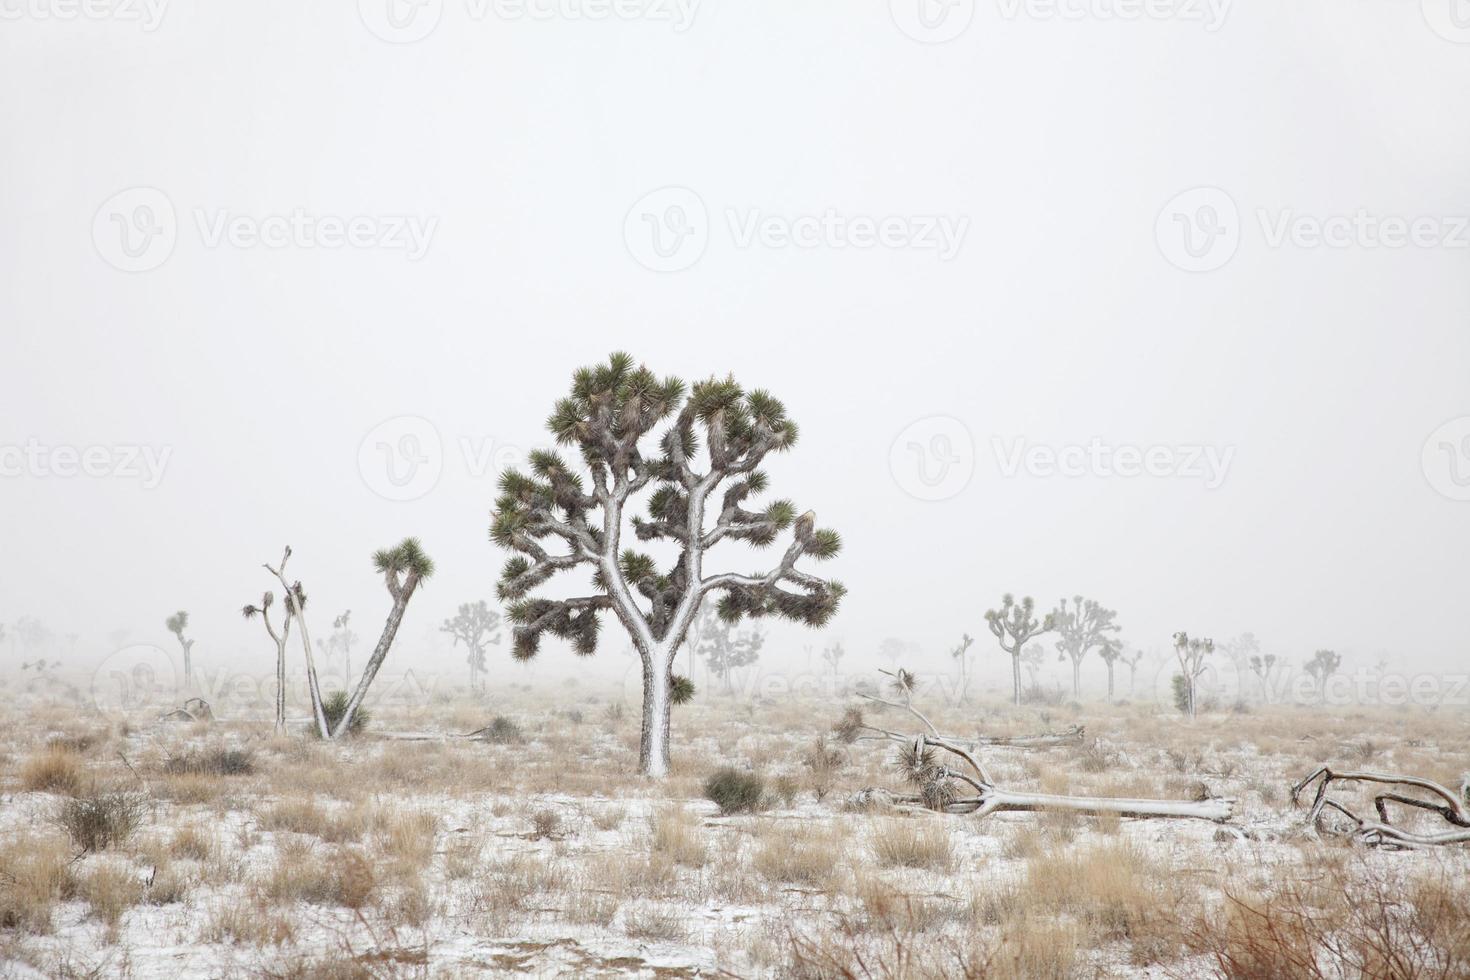 mojave deserto nevasca joshua tree parque nacional califórnia cópia espaço foto